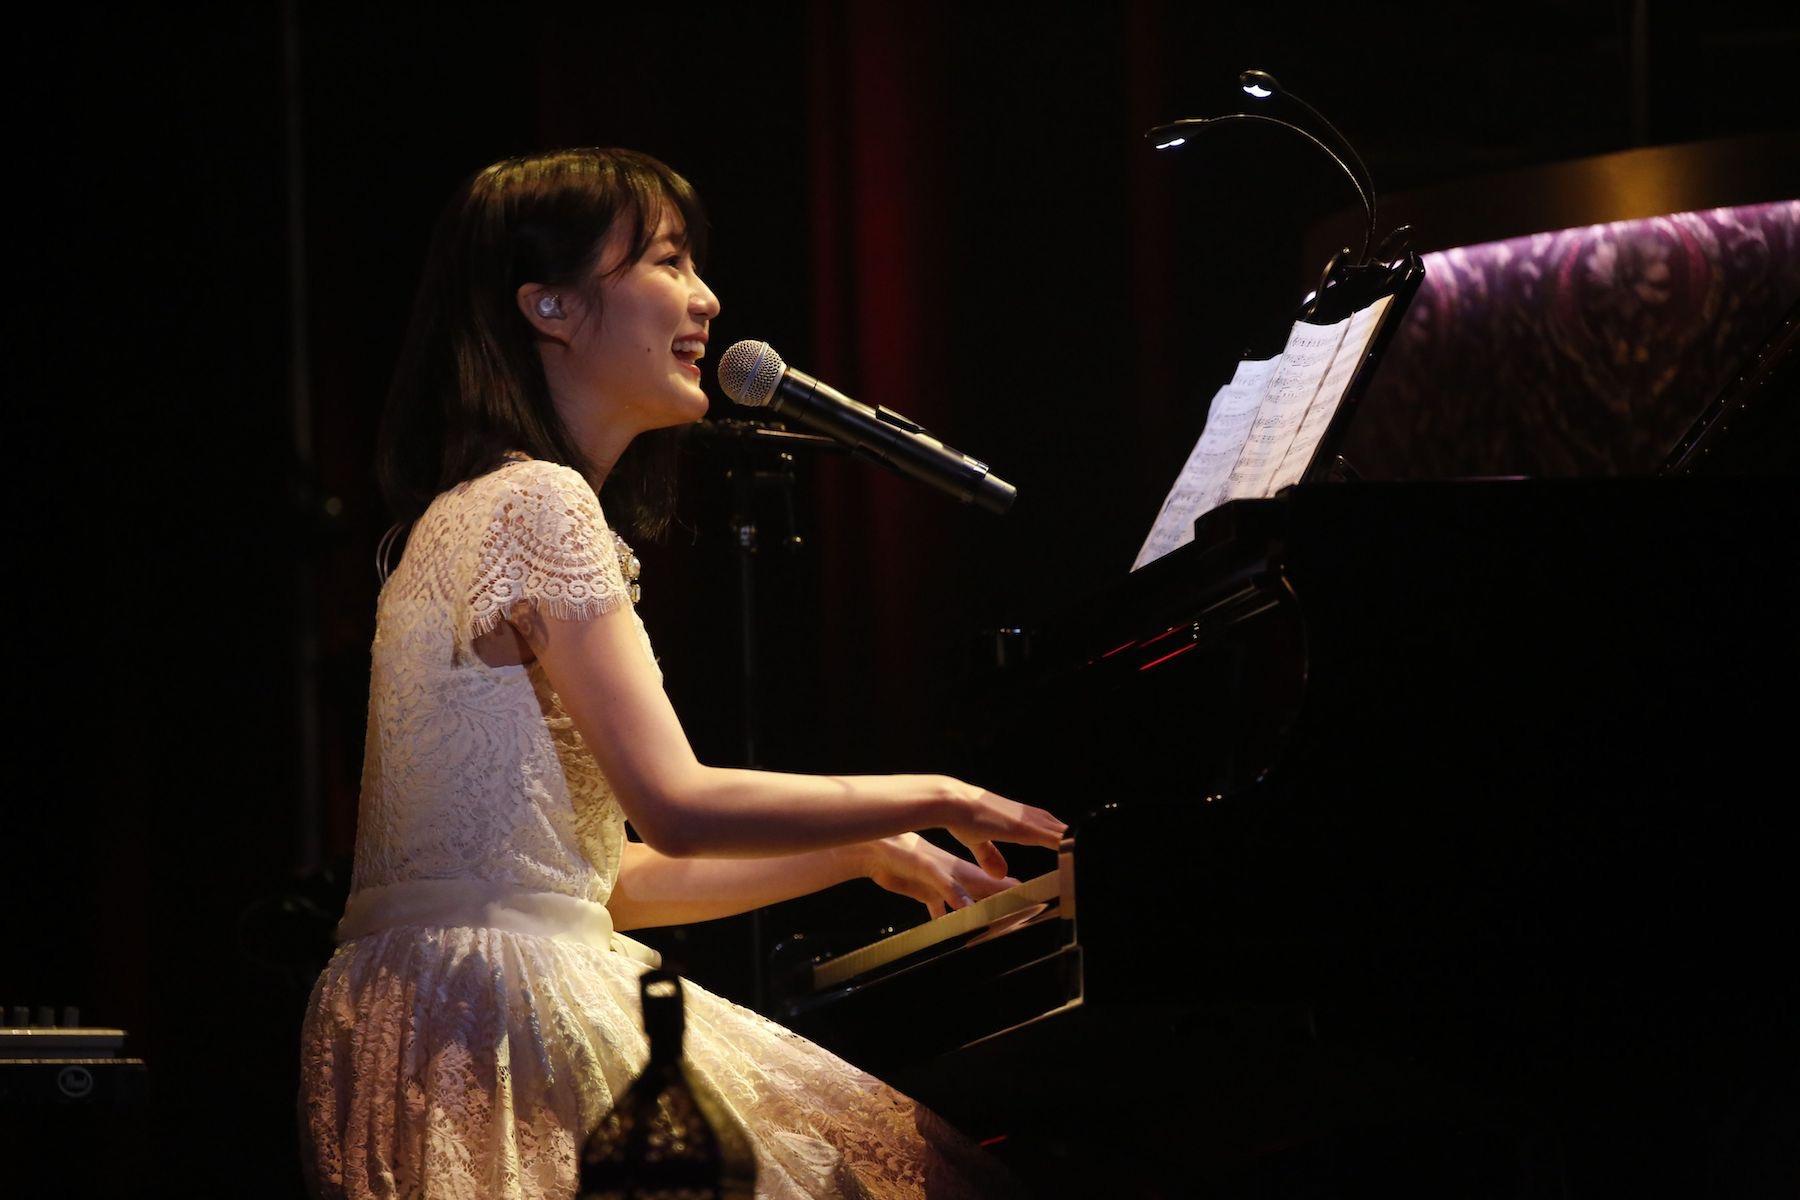 ピアノの弾き語りを披露する生田絵梨花(「MTV Unplugged: Erika Ikuta from Nogizaka46」)